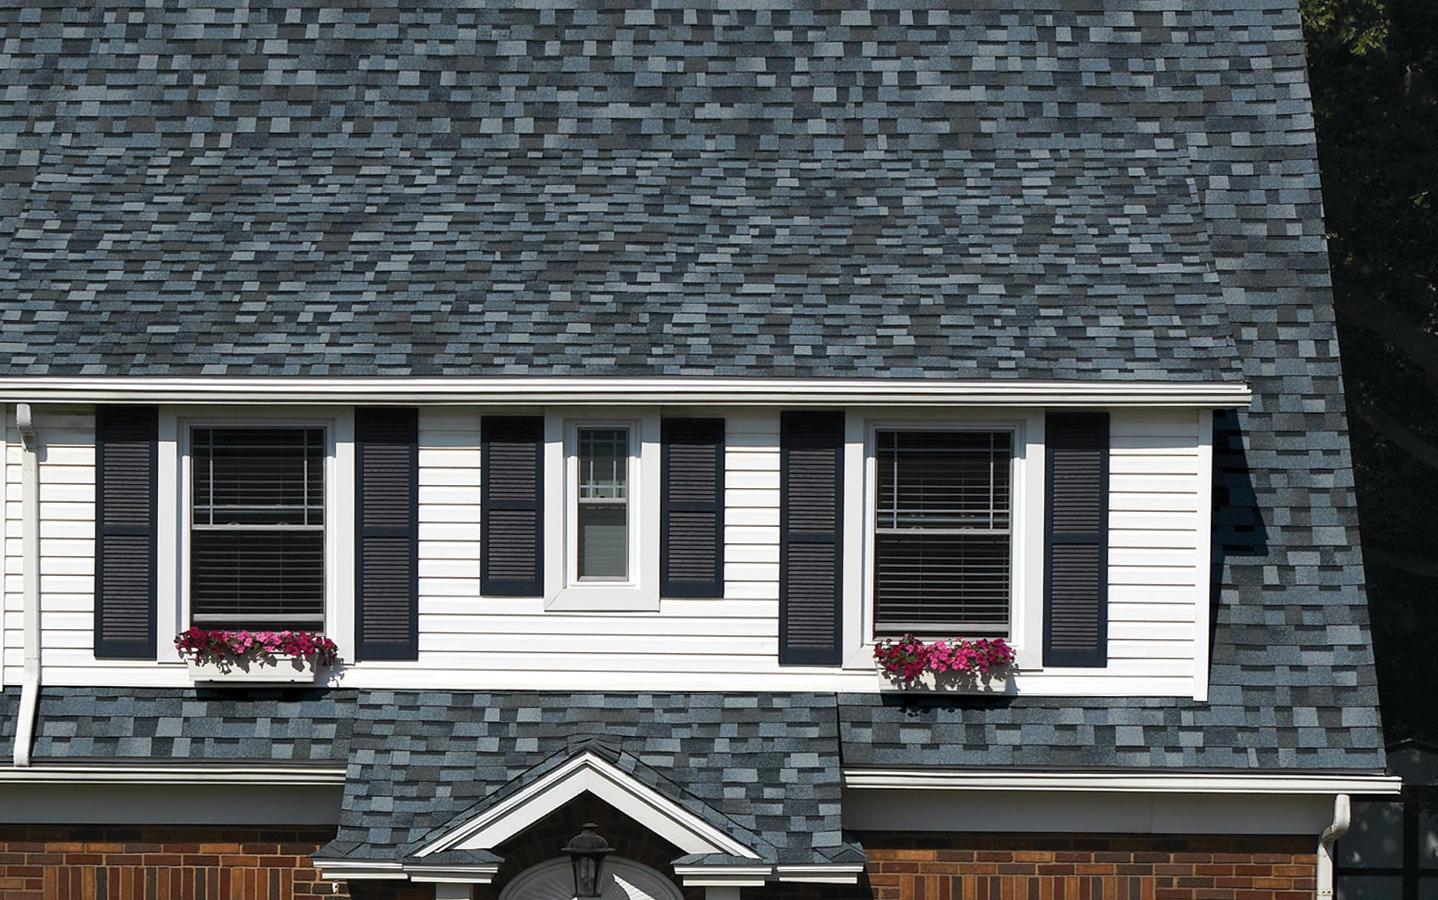 Na dachu widoczny gont marki Owens Corning z linii TruDefinition Duration Designer w kolorze Pacific Wave